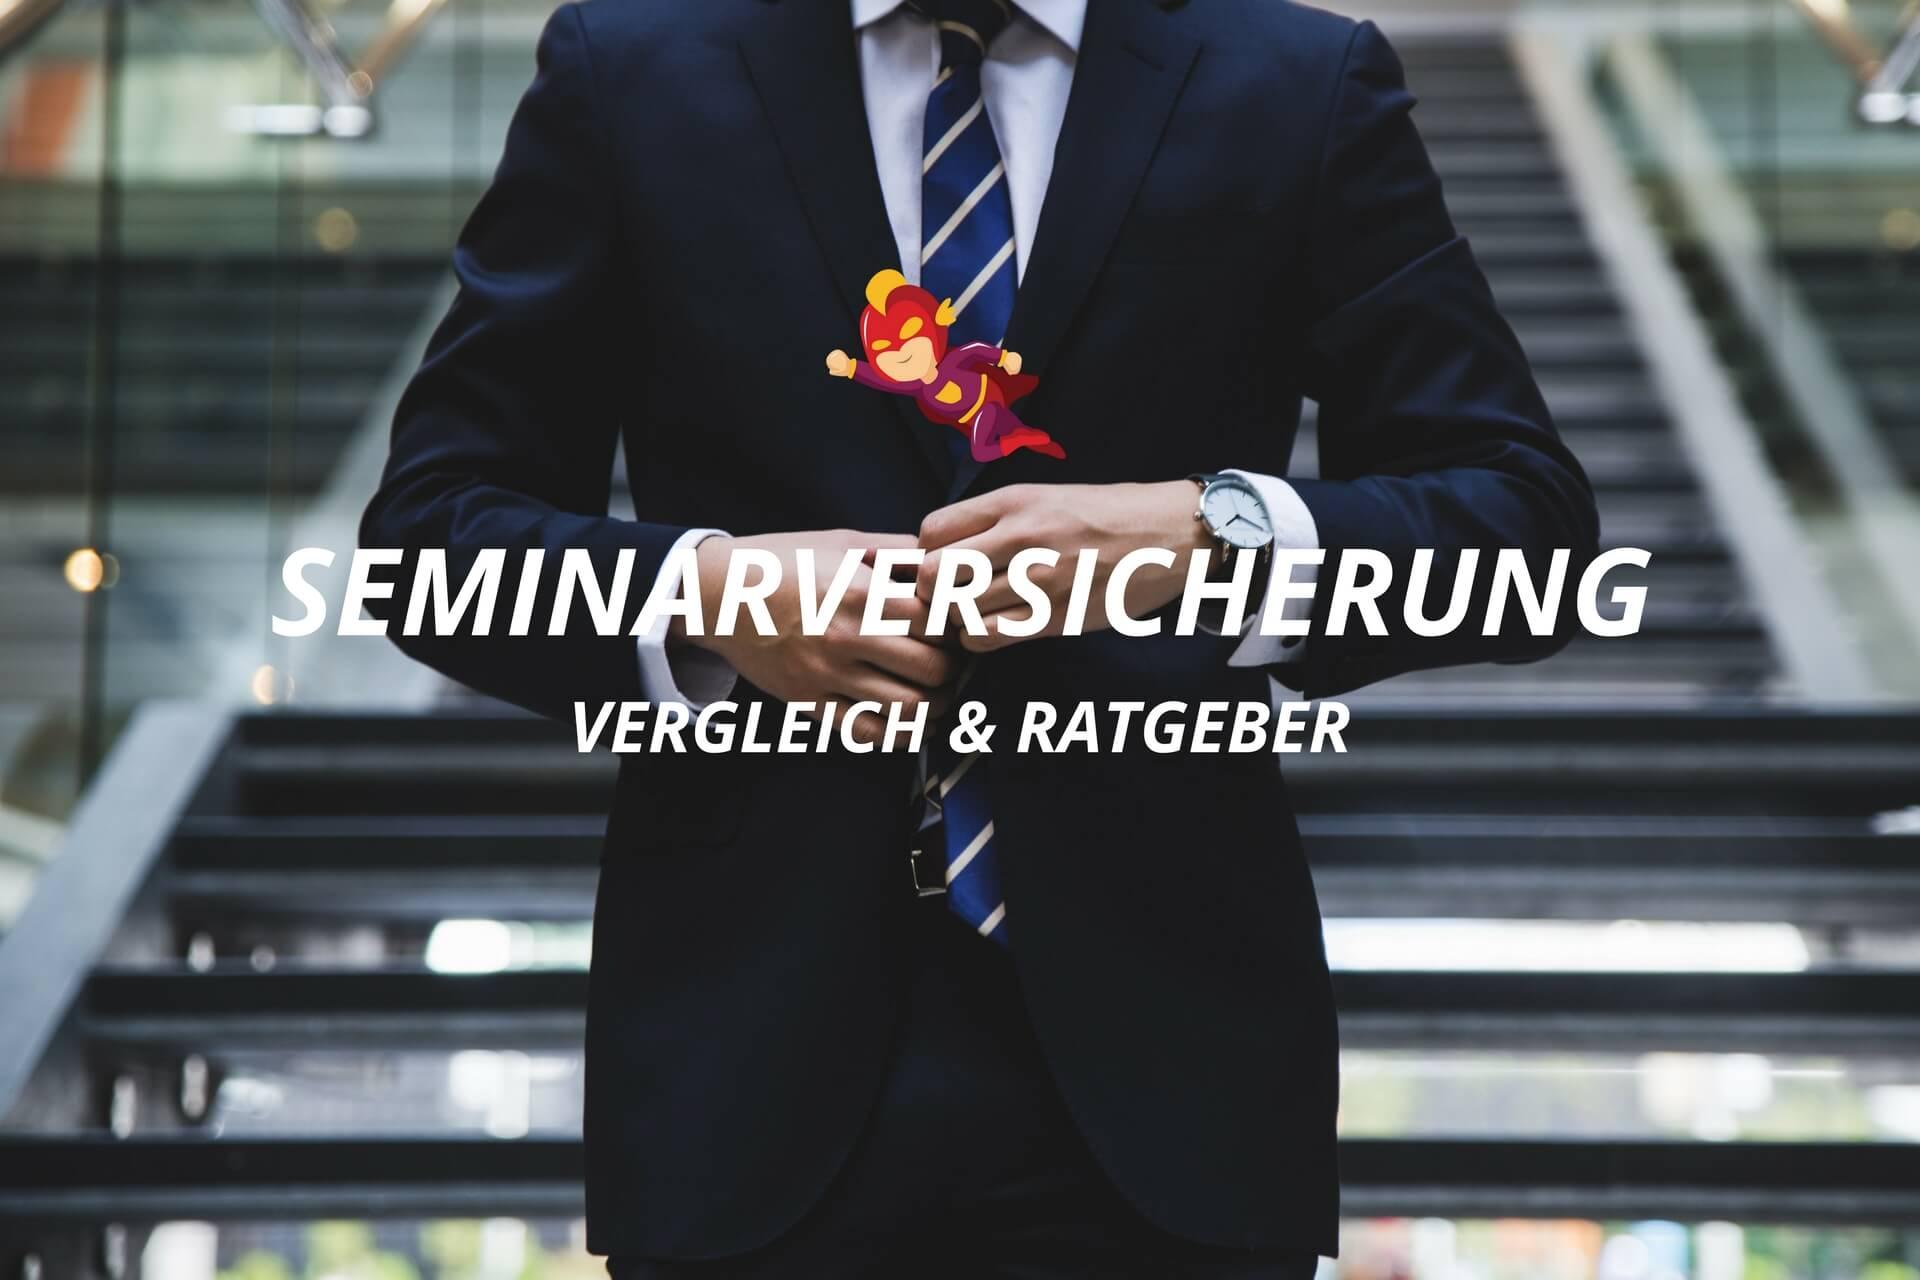 Seminarversicherung Vergleich - Finanzhelden.org